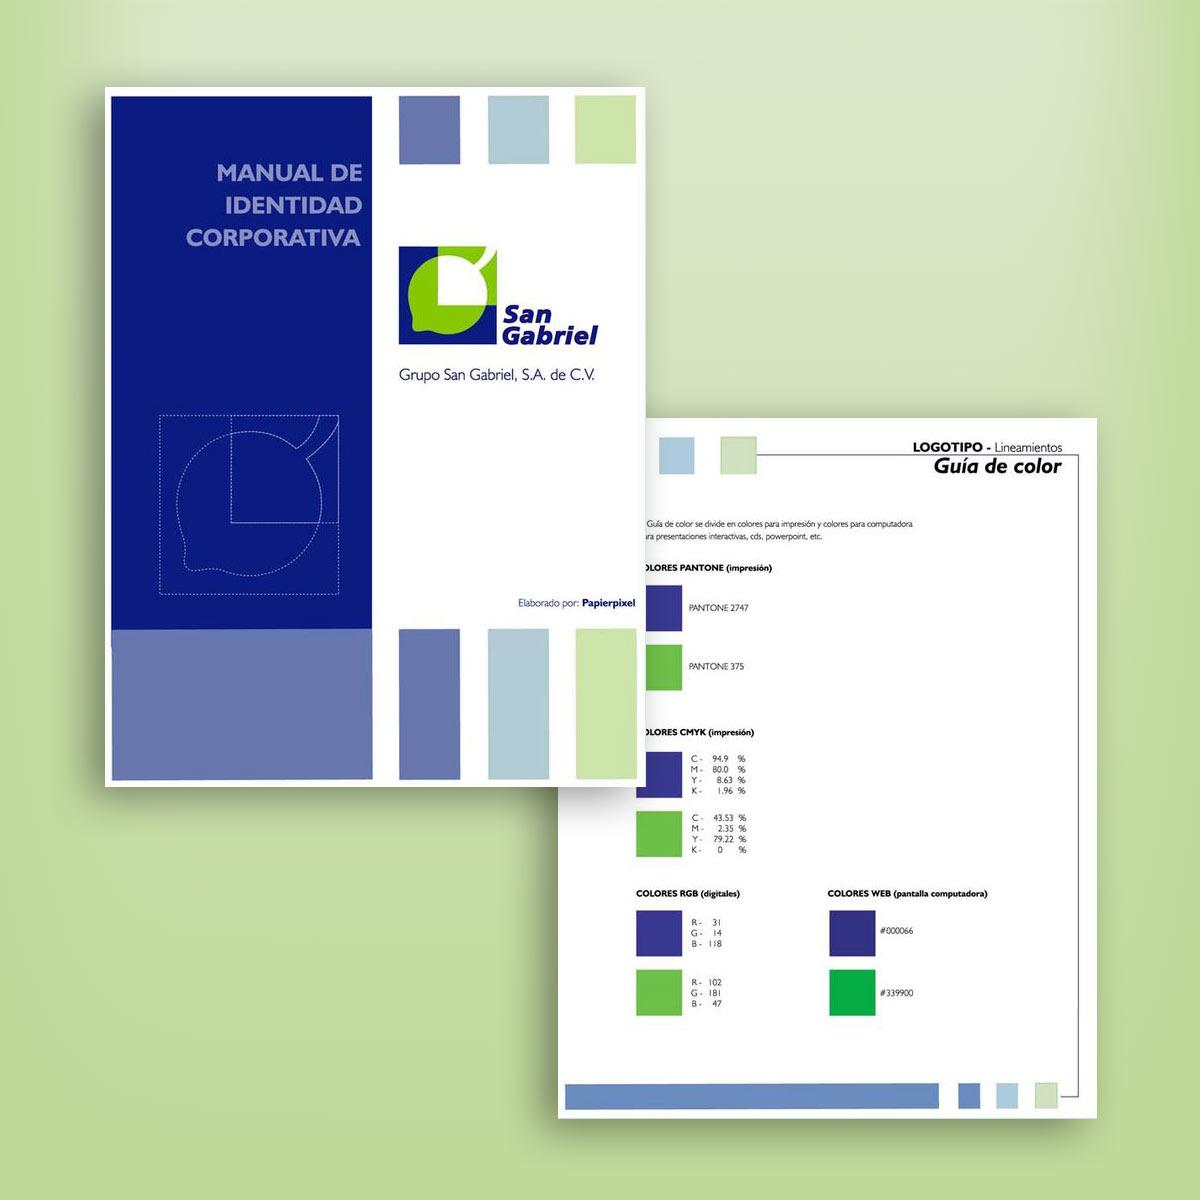 manual de identidad corporativa San Gabriel